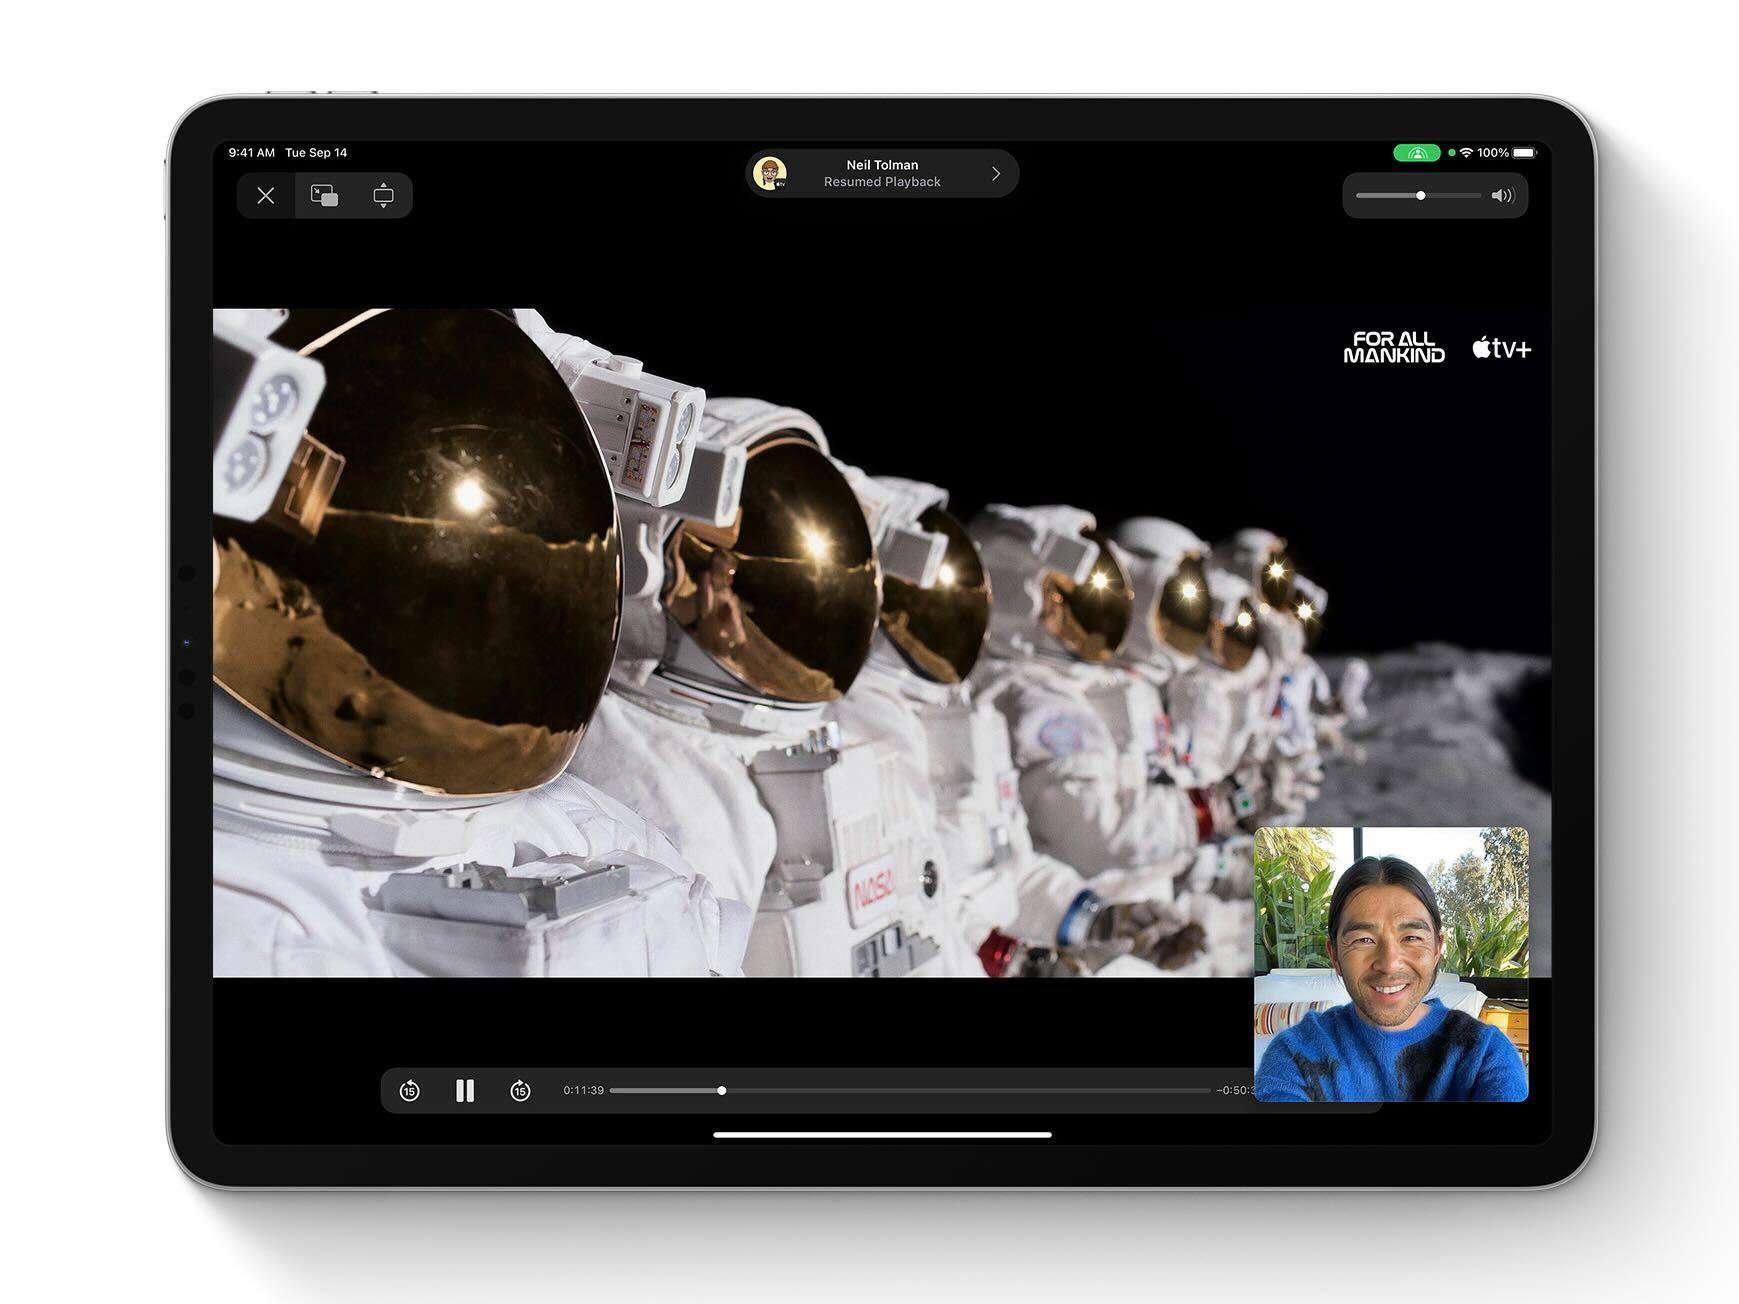 A screenshot from iPadOS 15.